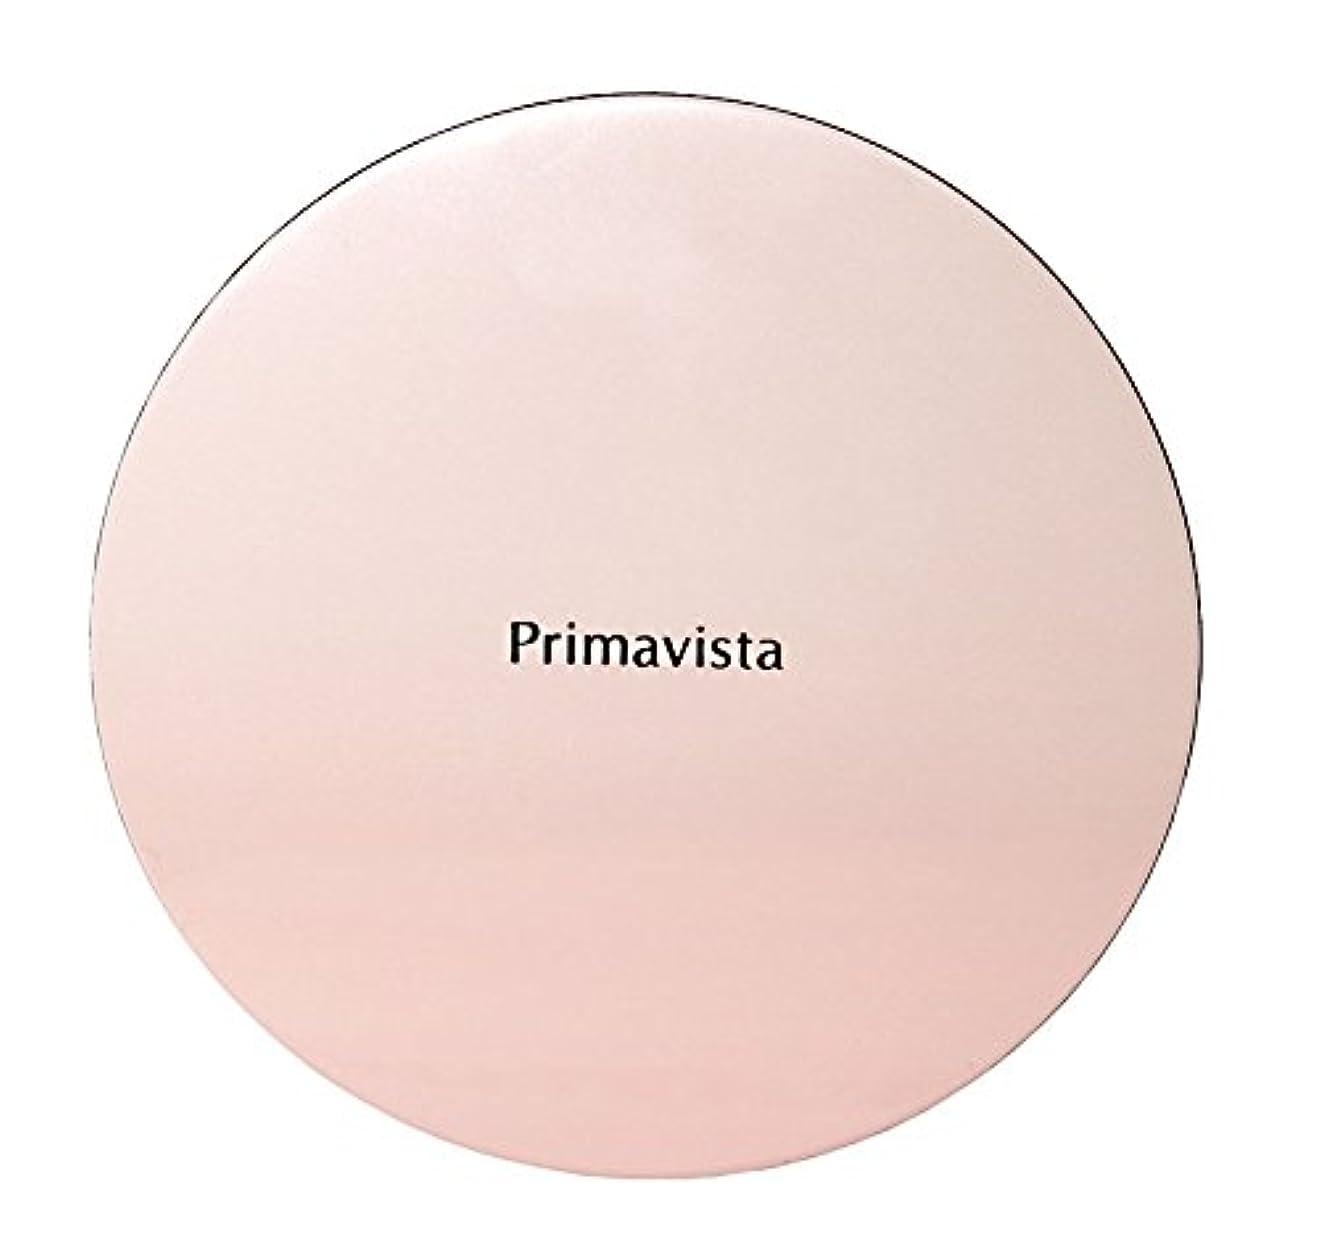 傭兵バン計算可能プリマヴィスタ クリーミィコンパクトファンデーションケース